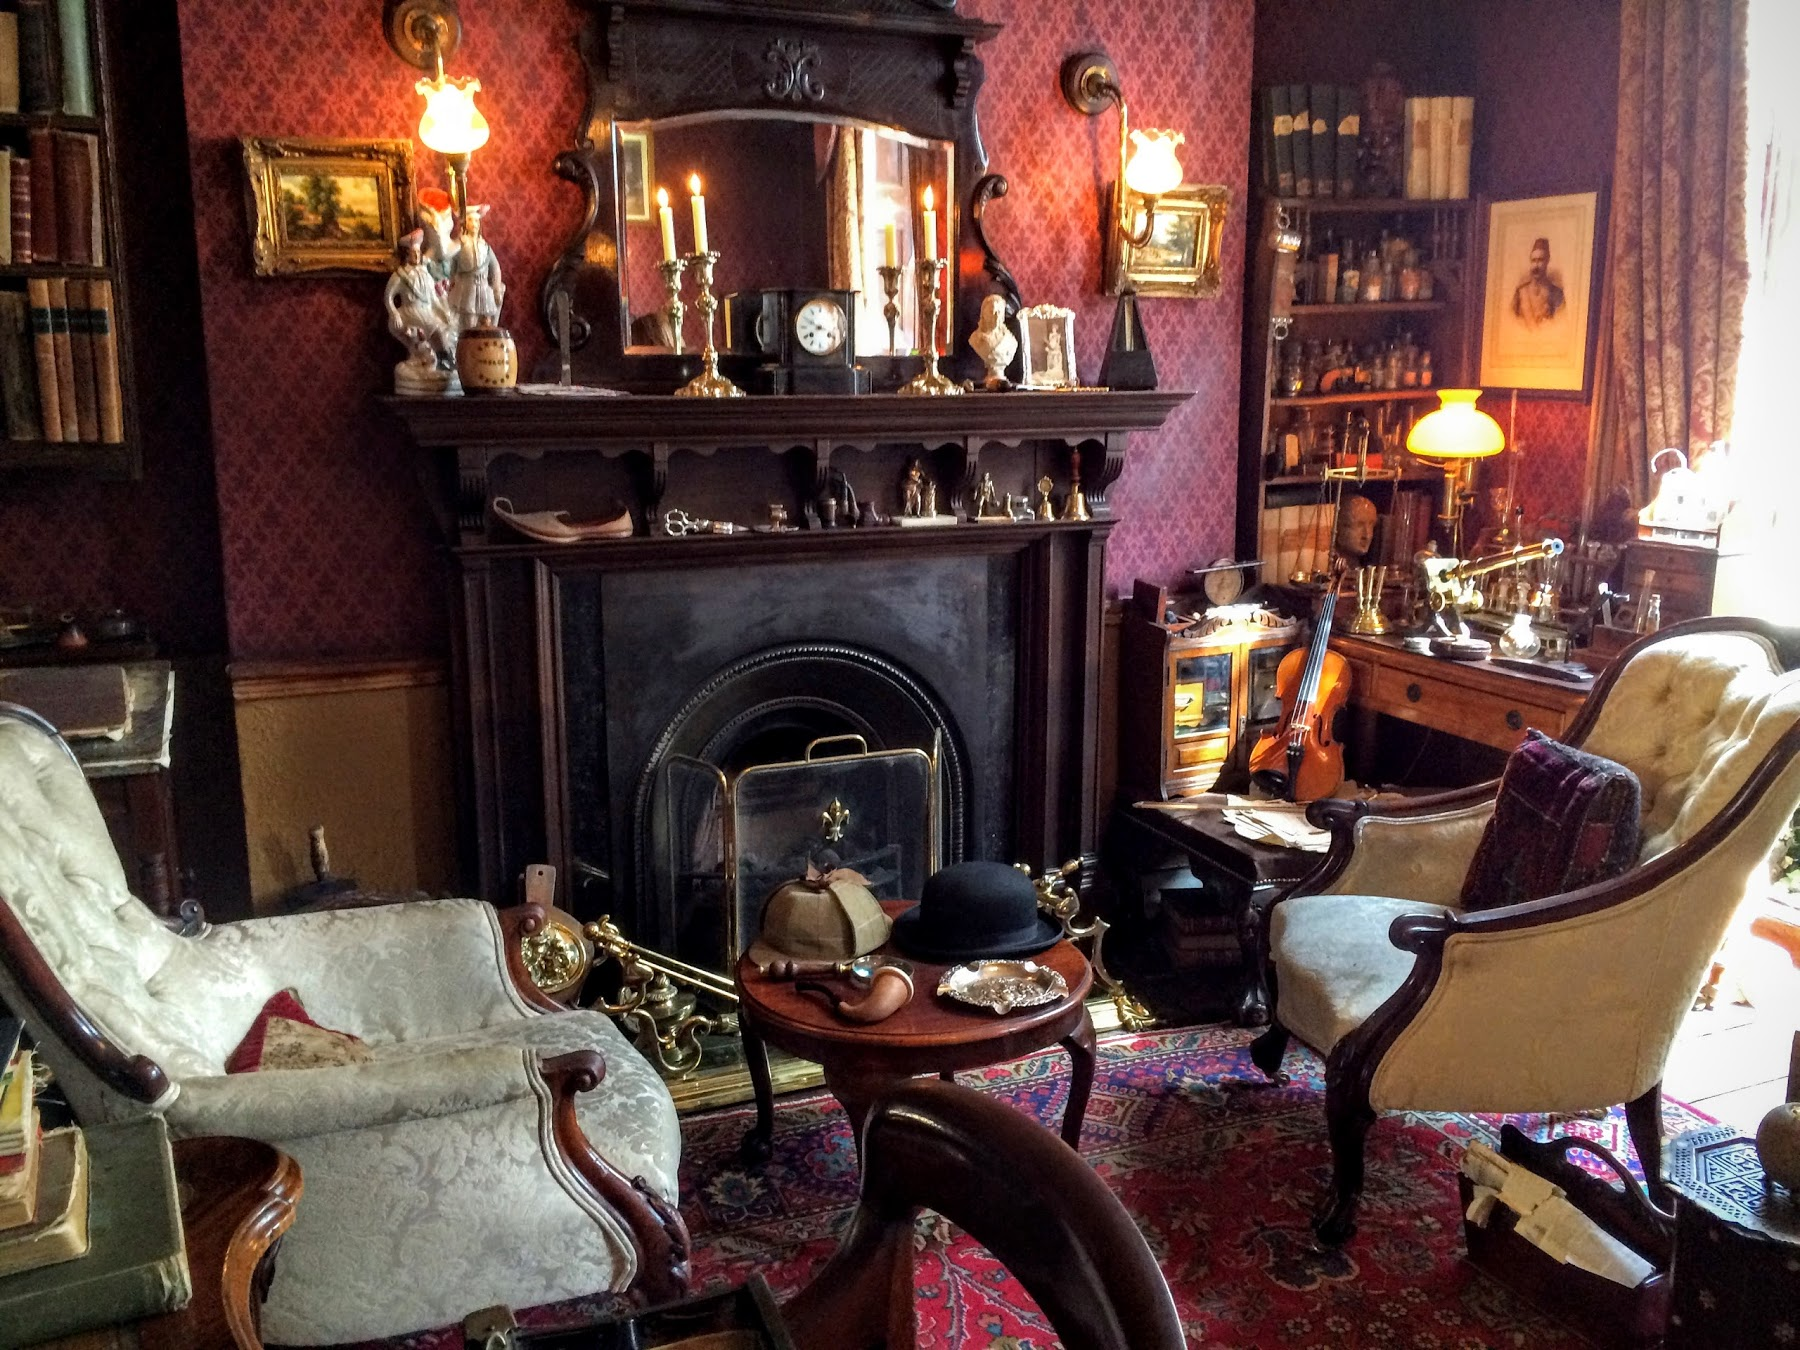 シャーロック・ホームズ博物館 The Sherlock Holmes Museum